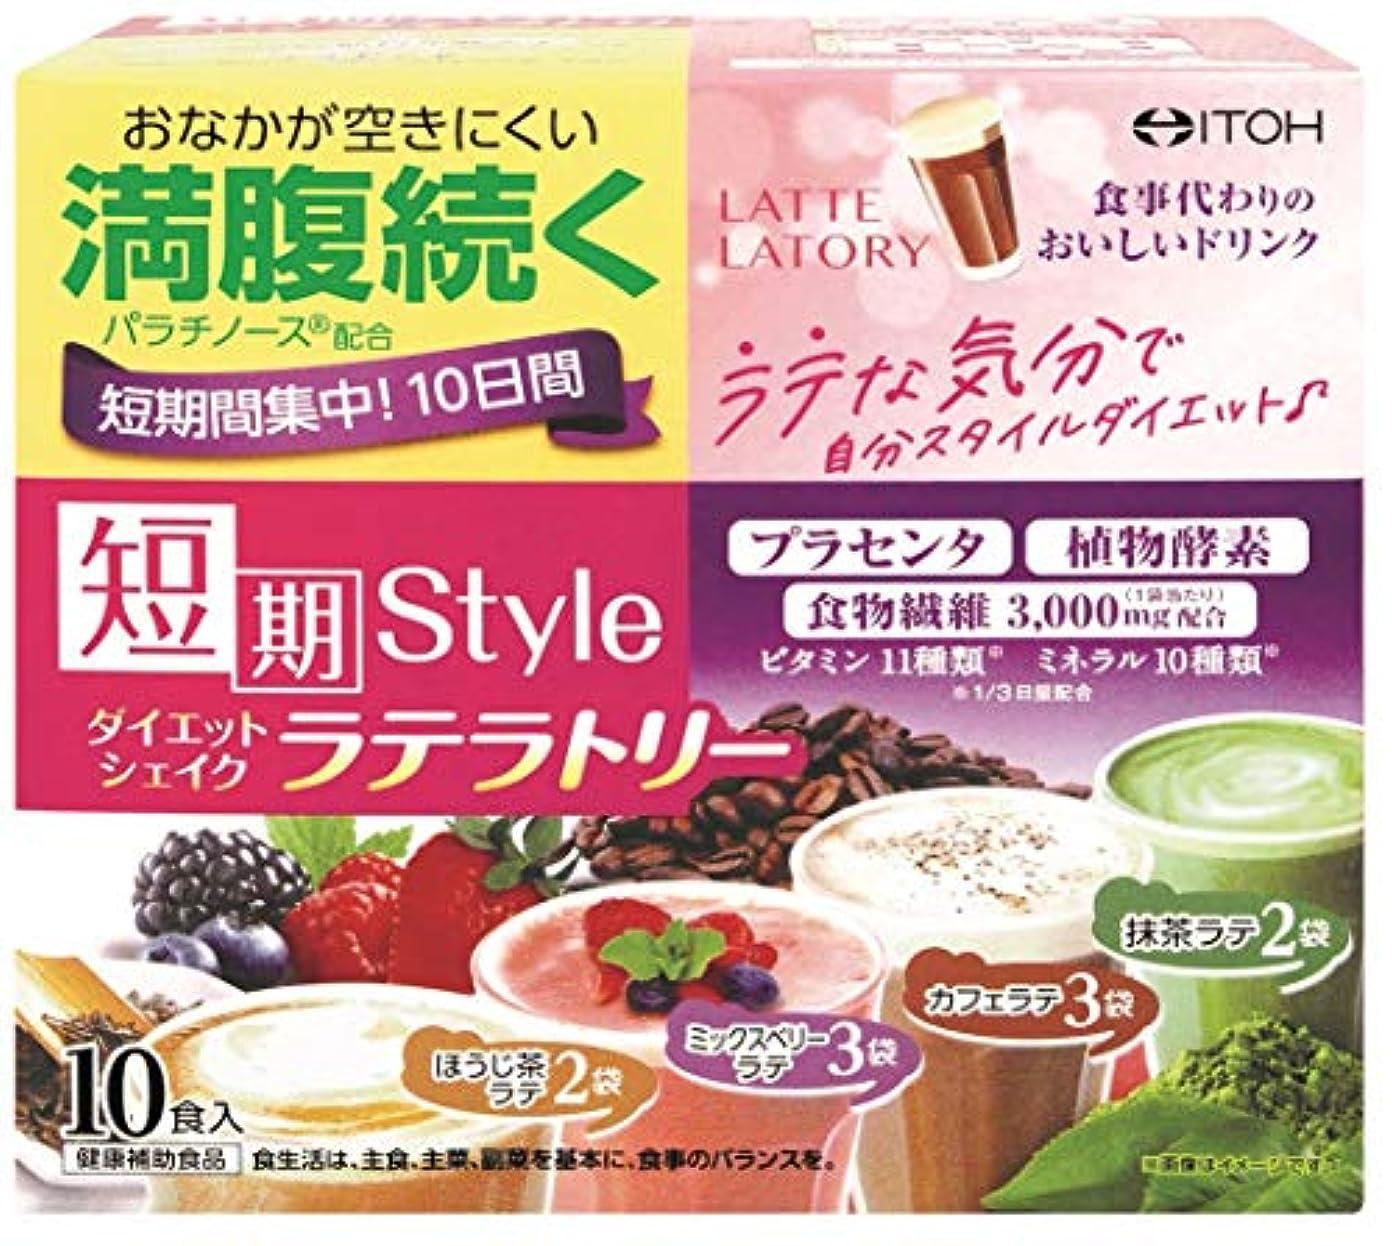 アルプス避難基本的な井藤漢方製薬 短期スタイルダイエットシェイク ラテラトリー 10食分 25g×10袋